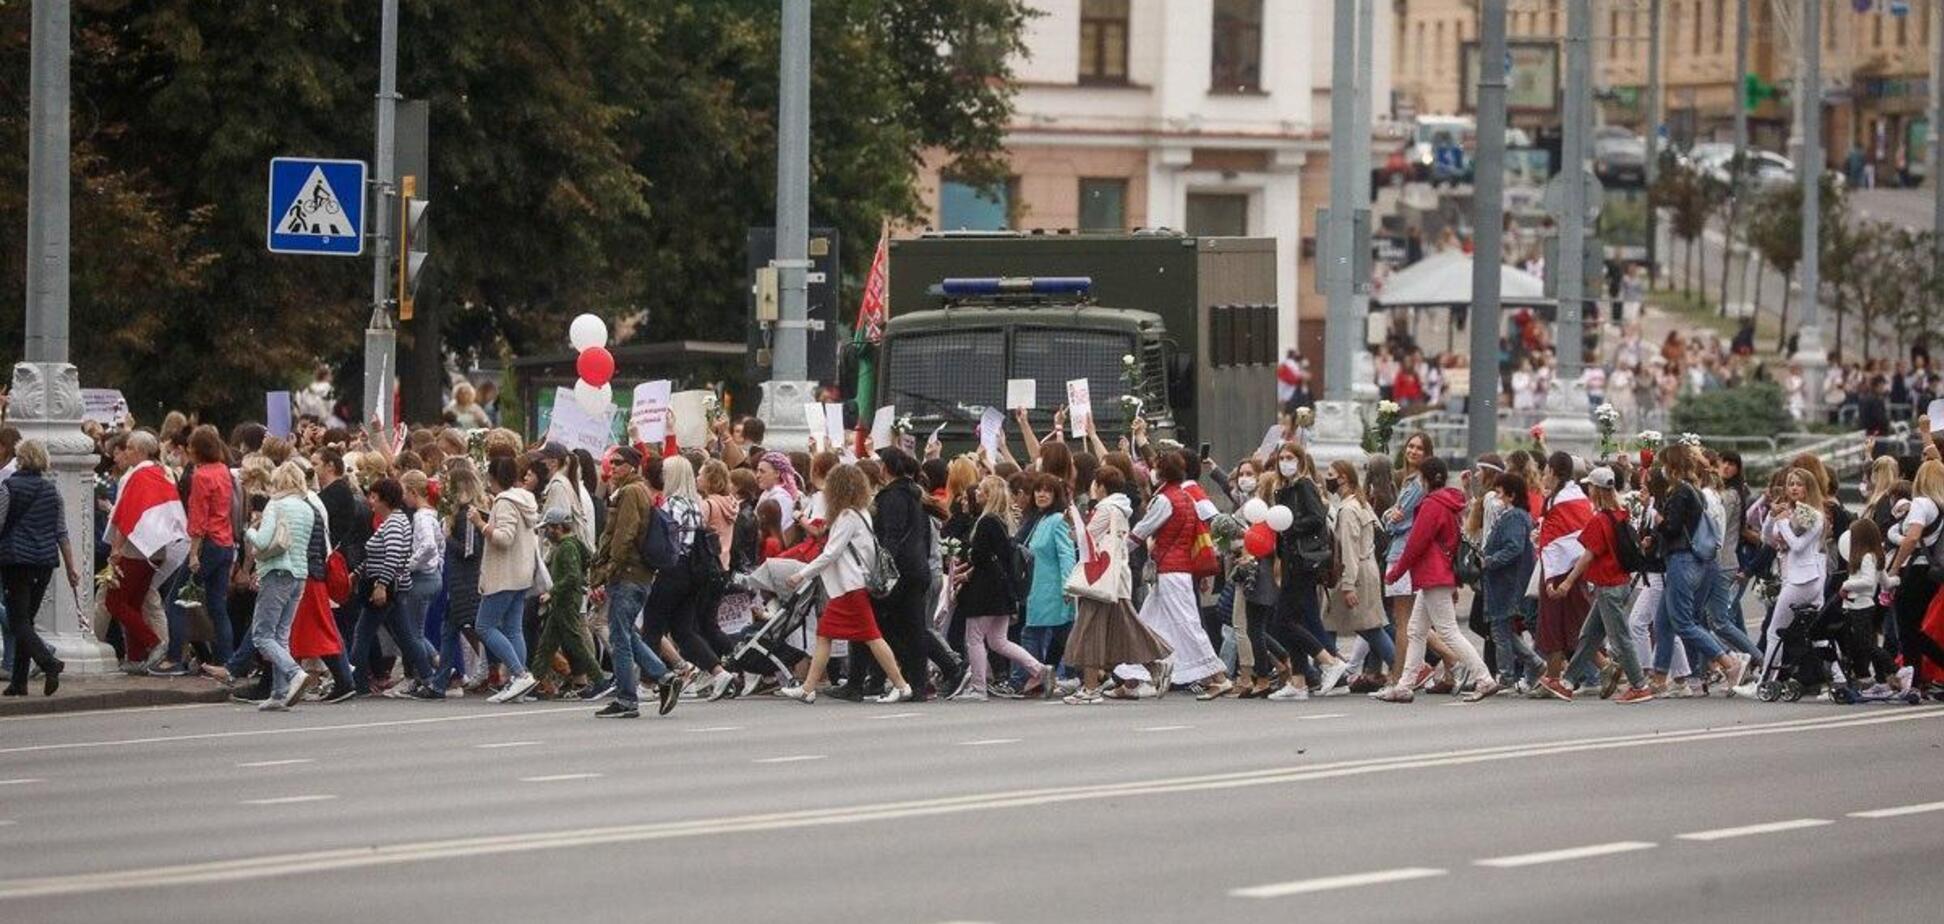 В Беларуси женщины вышли на марш солидарности, есть задержанные. Фото и видео